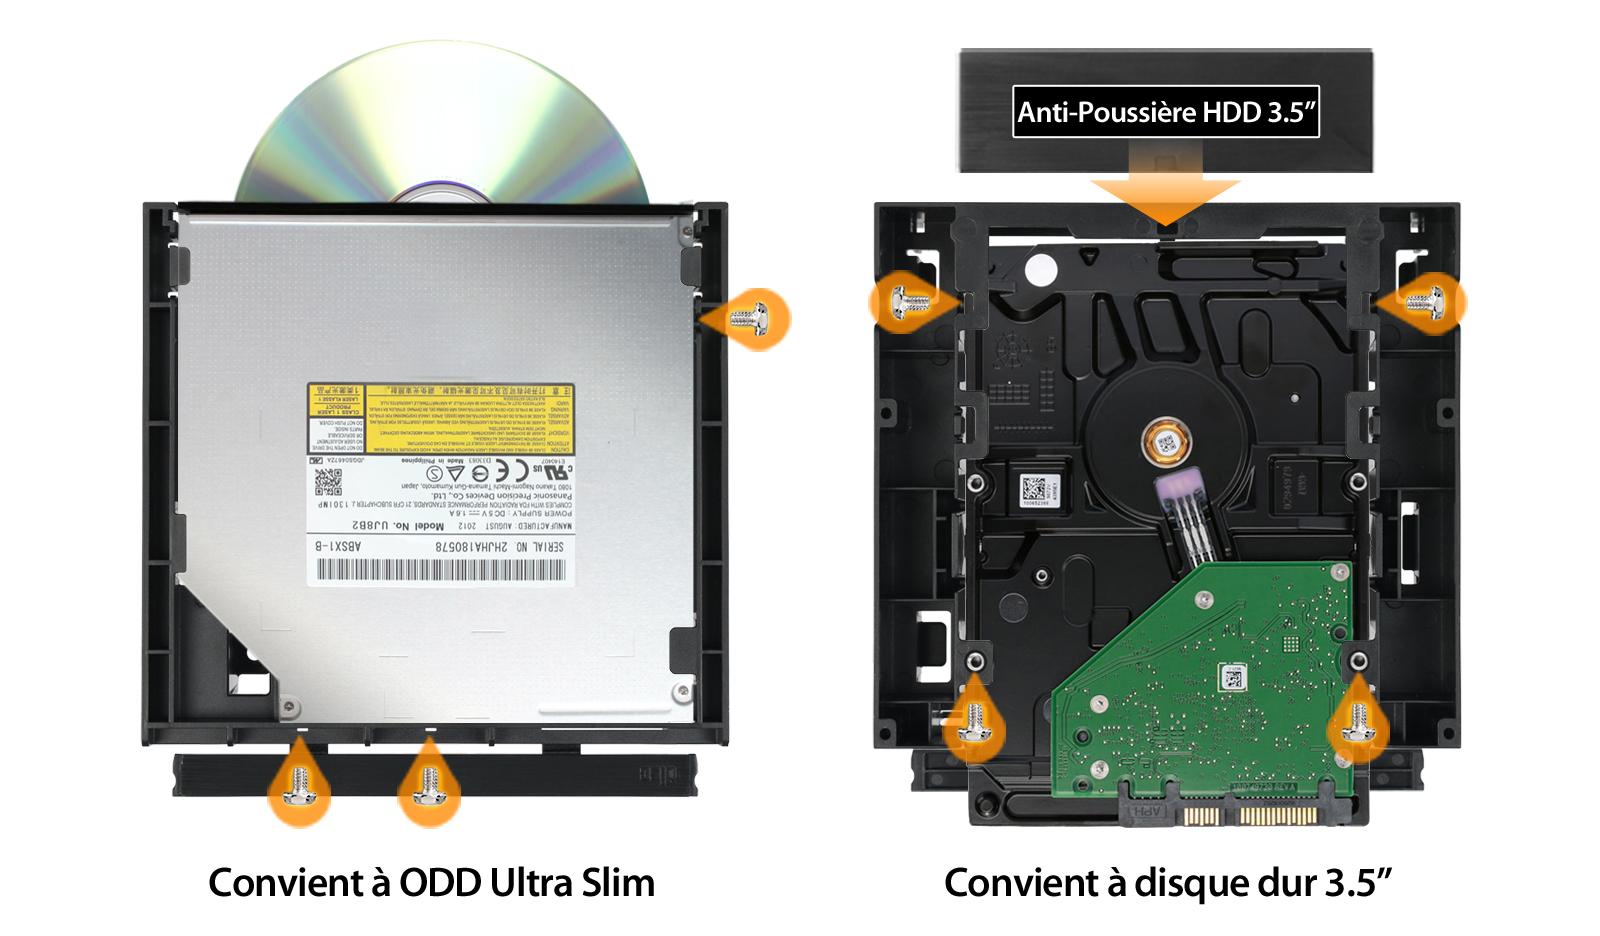 Photo du MB343SPO dans un ODD Ultra Slim à gauche et pour un disque dur 3.5 pouces à droite